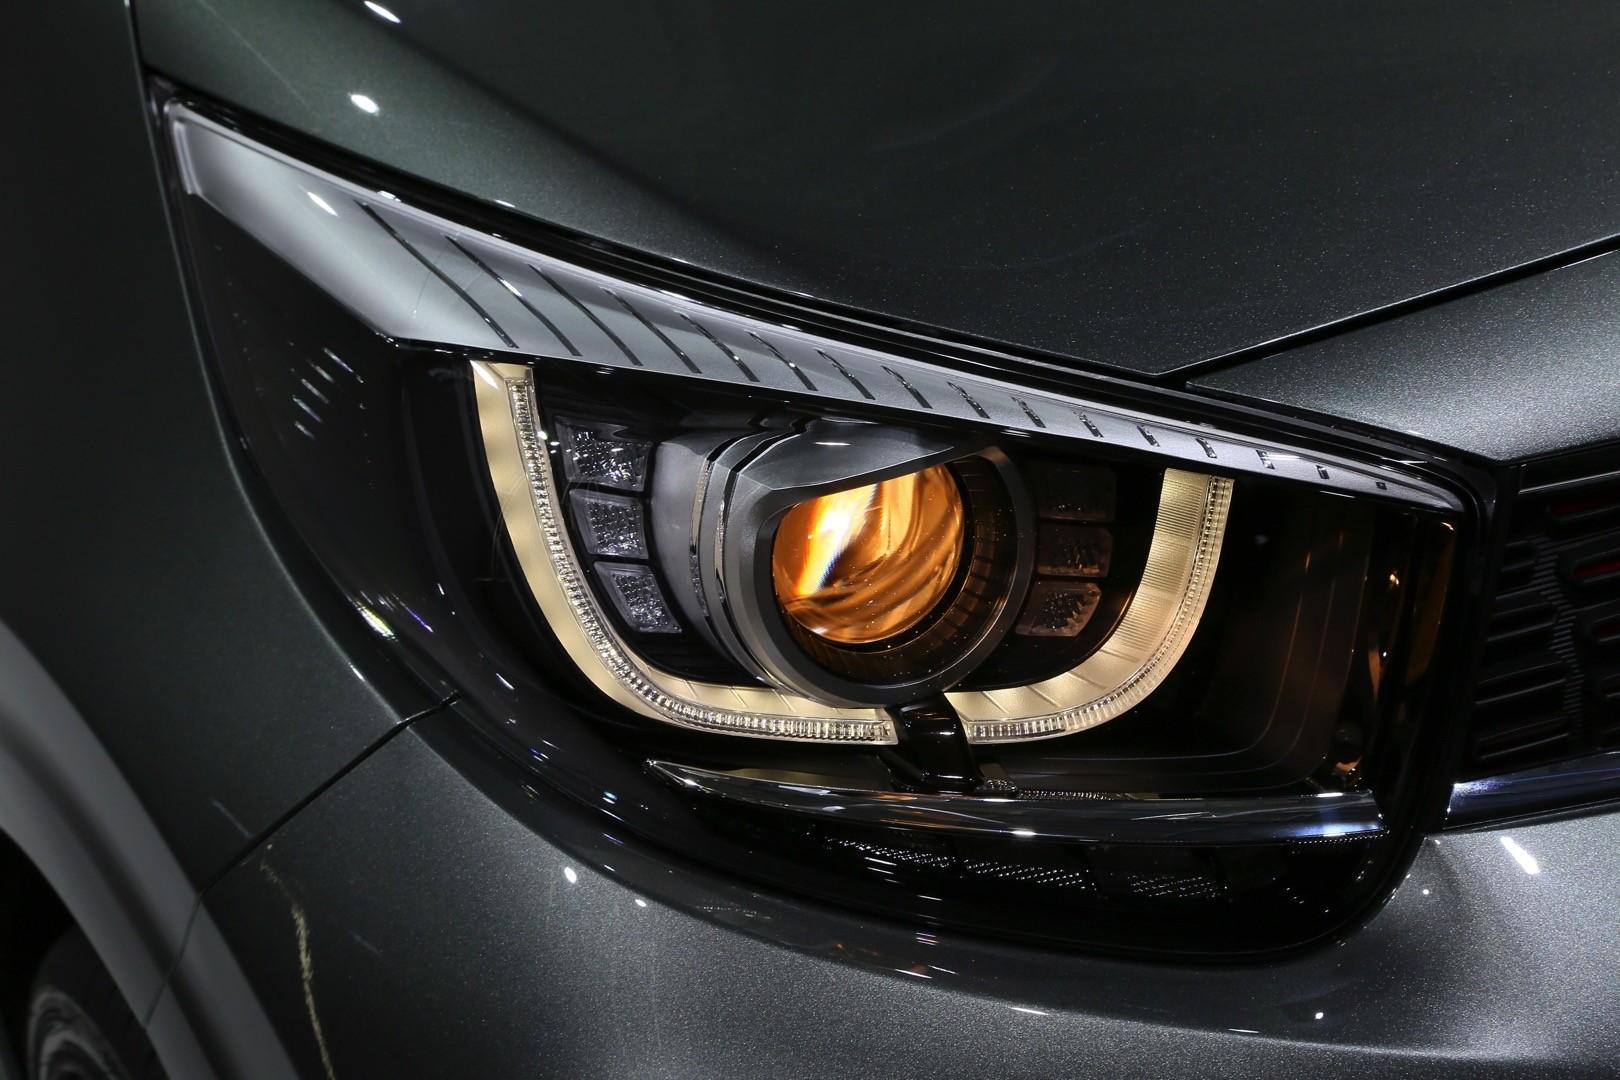 GT-Line также получает задний диффузор, двойные выхлопные трубы и 16-дюймовые легкосплавные диски с шинами 195/45 R16. За 13 320 фунтов Kia получает светодиодные фары, светодиодные дневные ходовые огни, светодиодные задние фонари и некоторые внутренн